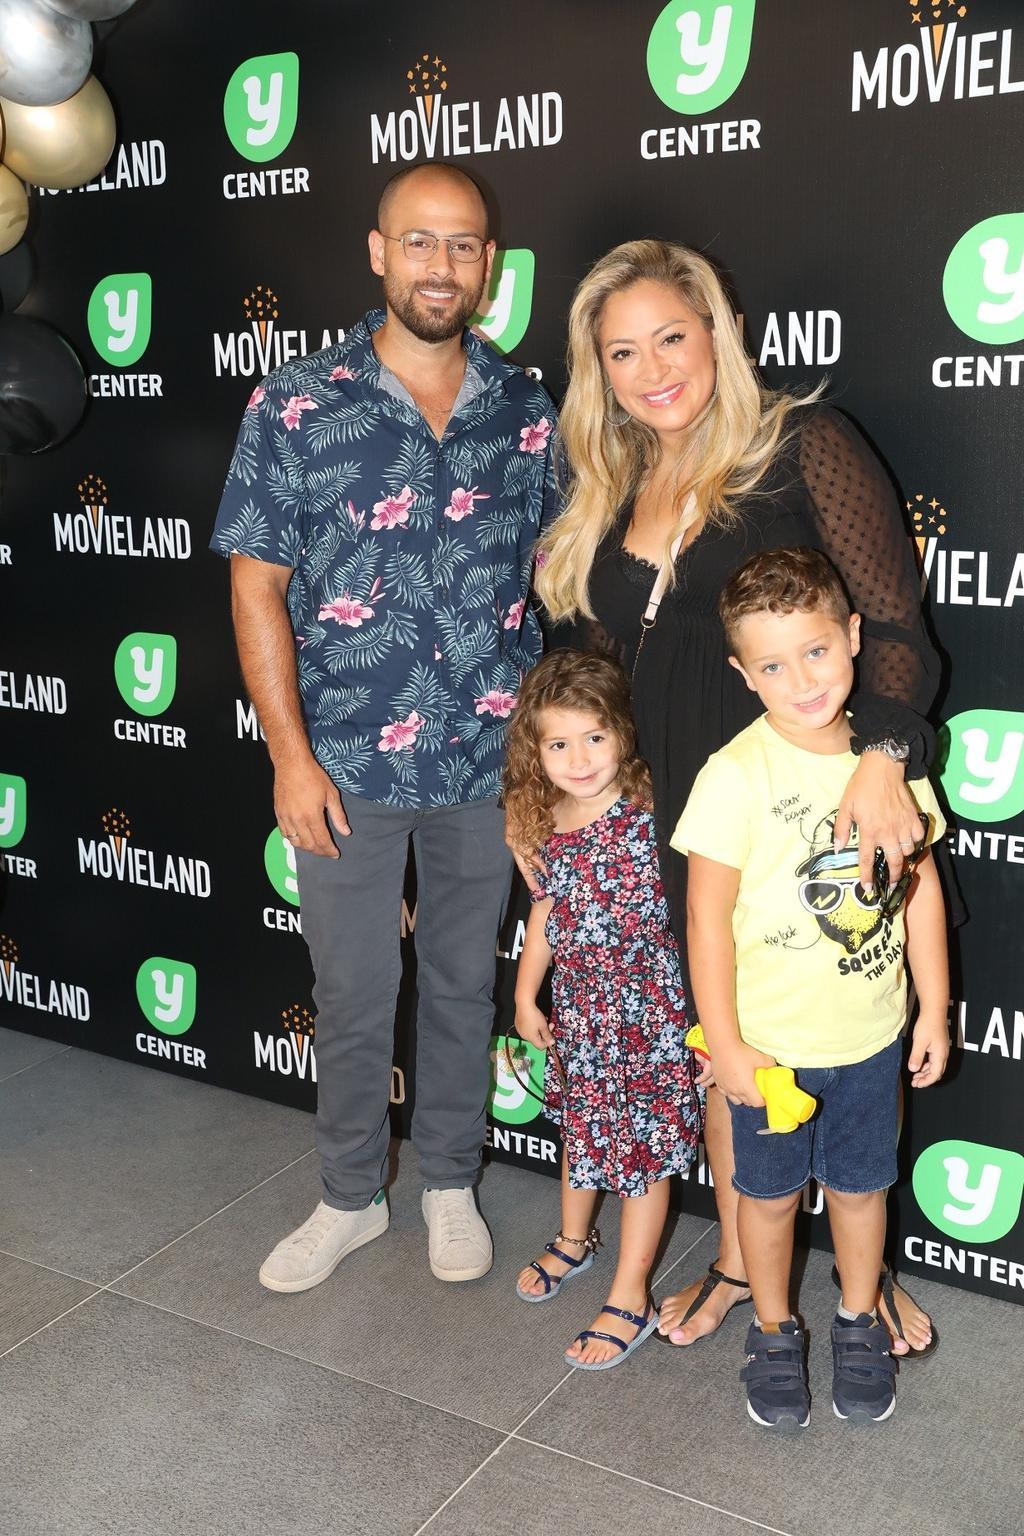 ליהיא גרינר עם בעלה יוסי צבר והילדים בהשקת קולנוע מובילנד פולג. צילום: רפי דלויה